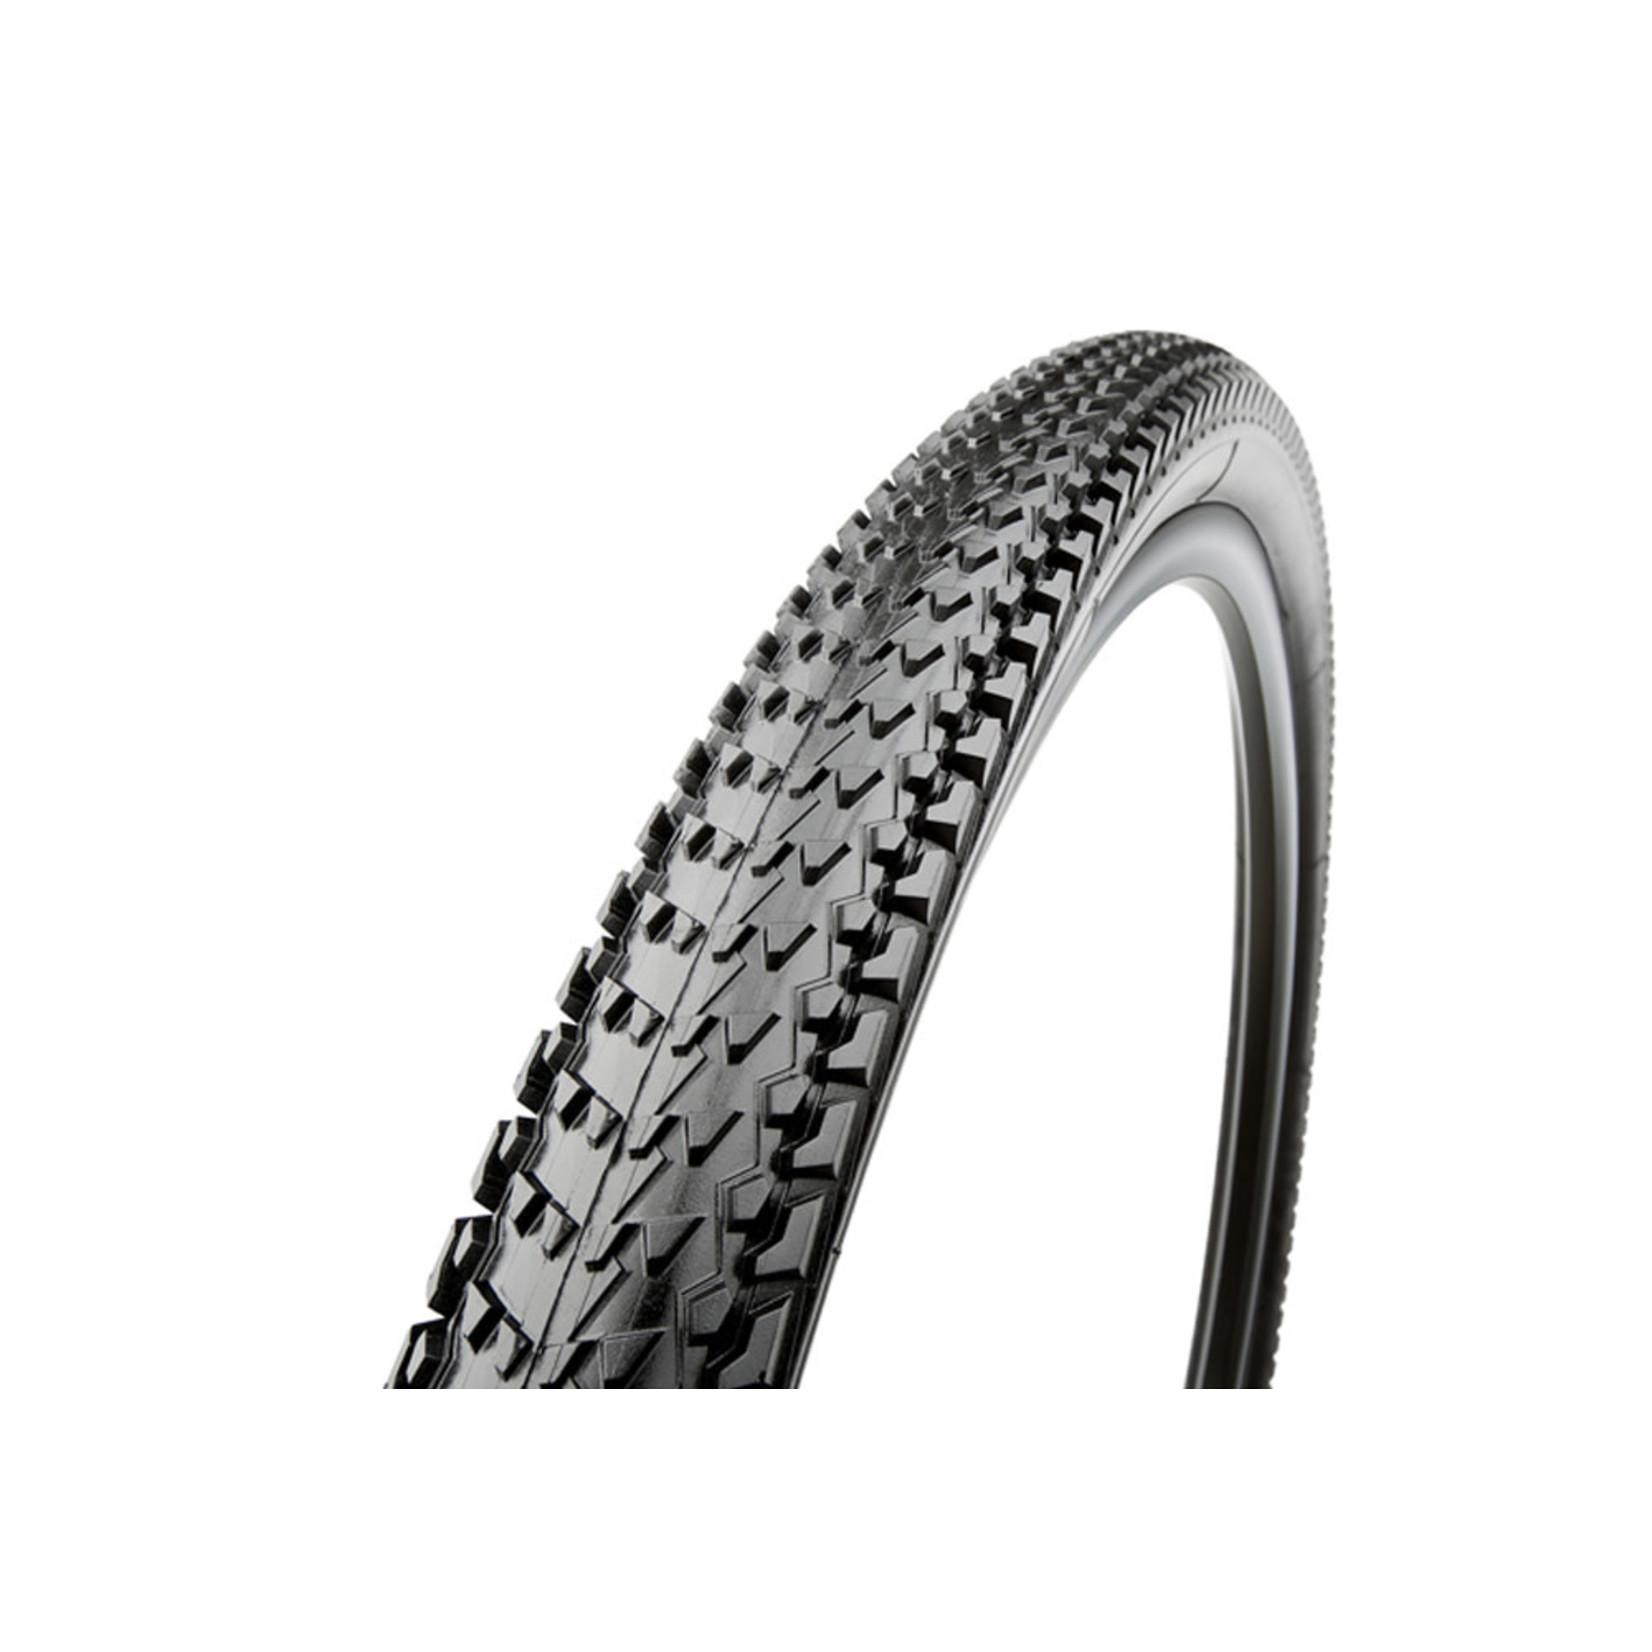 Geax Geax Tire AKA 27.5x2.2